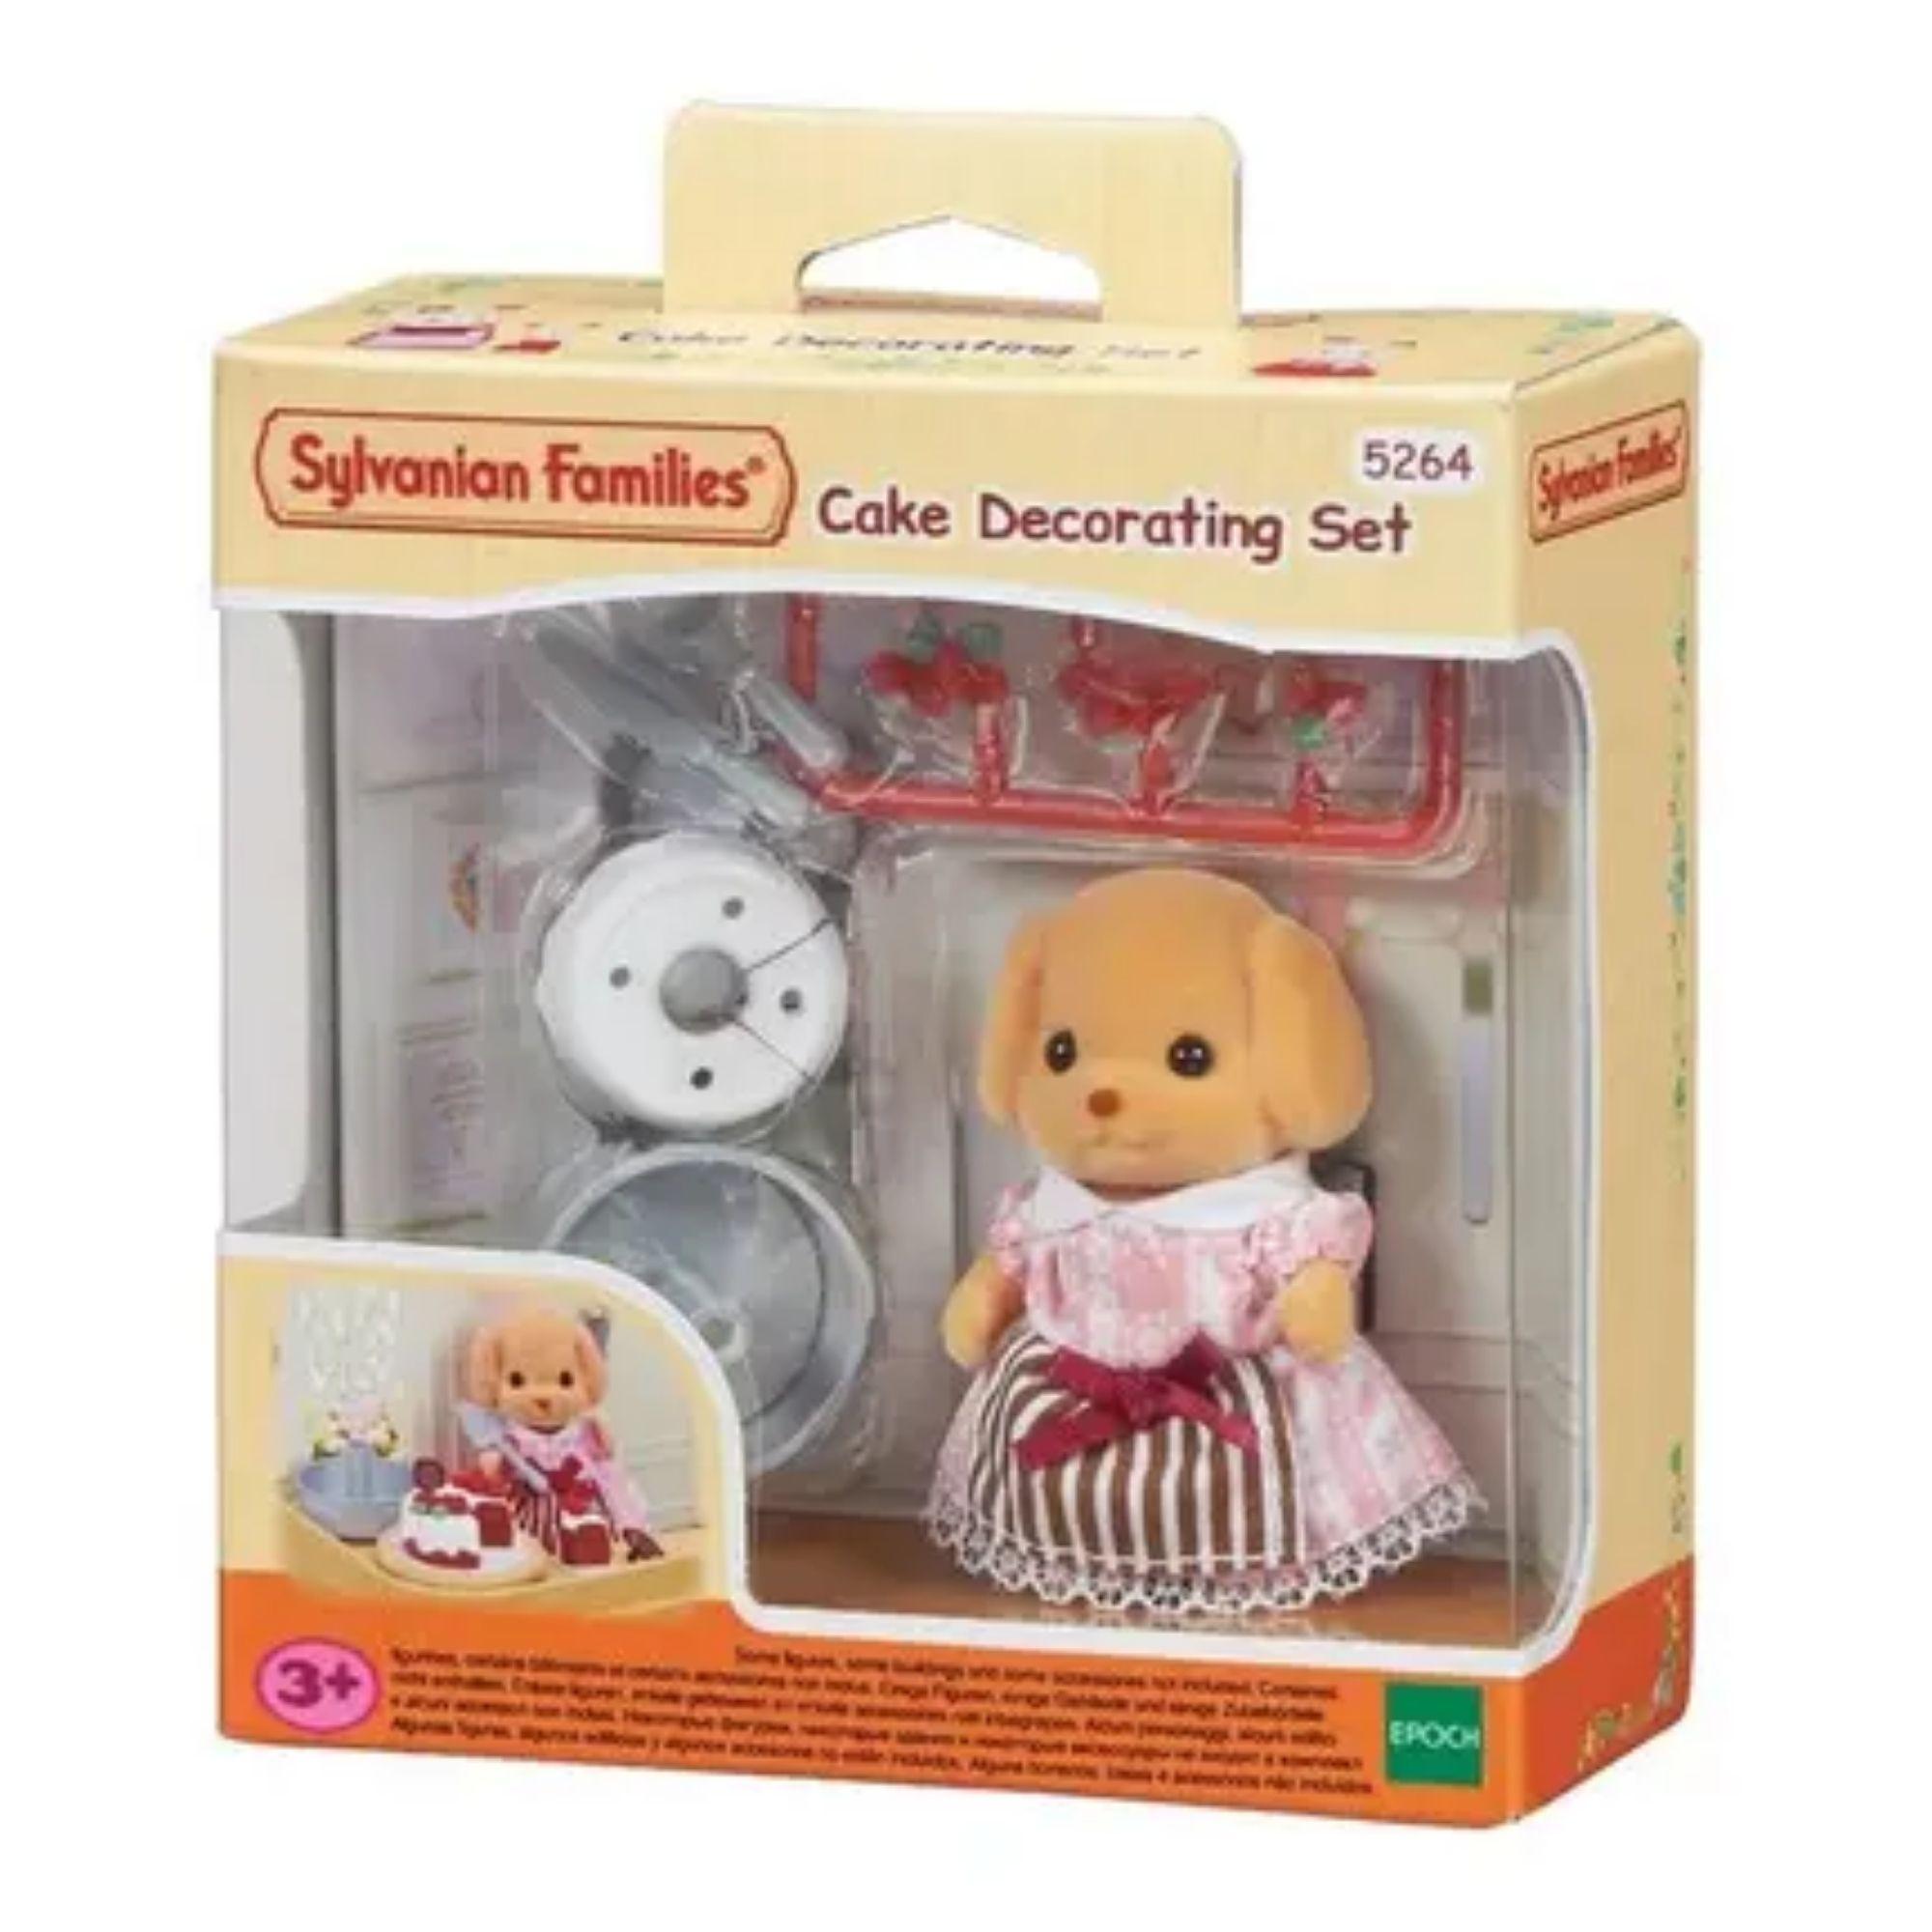 Brinquedo Sylvanian Families Conjunto Decoração de Bolos Epoch  - Game Land Brinquedos